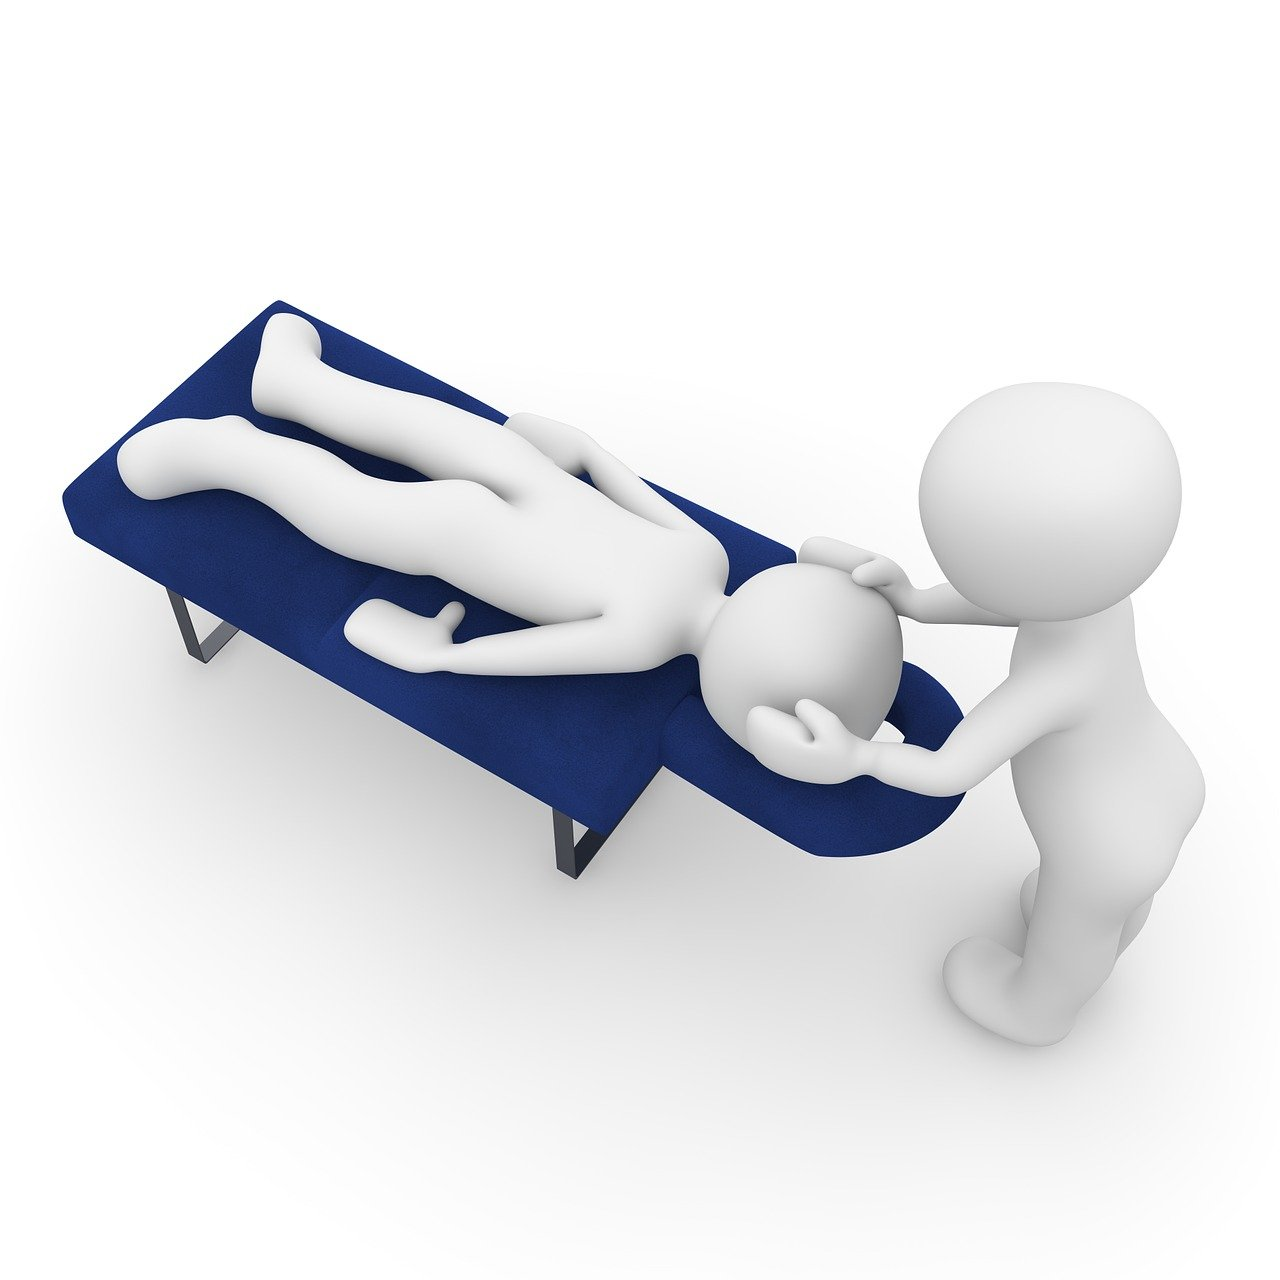 Olffen Manuele Therapie & Fysiotherapie Van fysiotherapeut